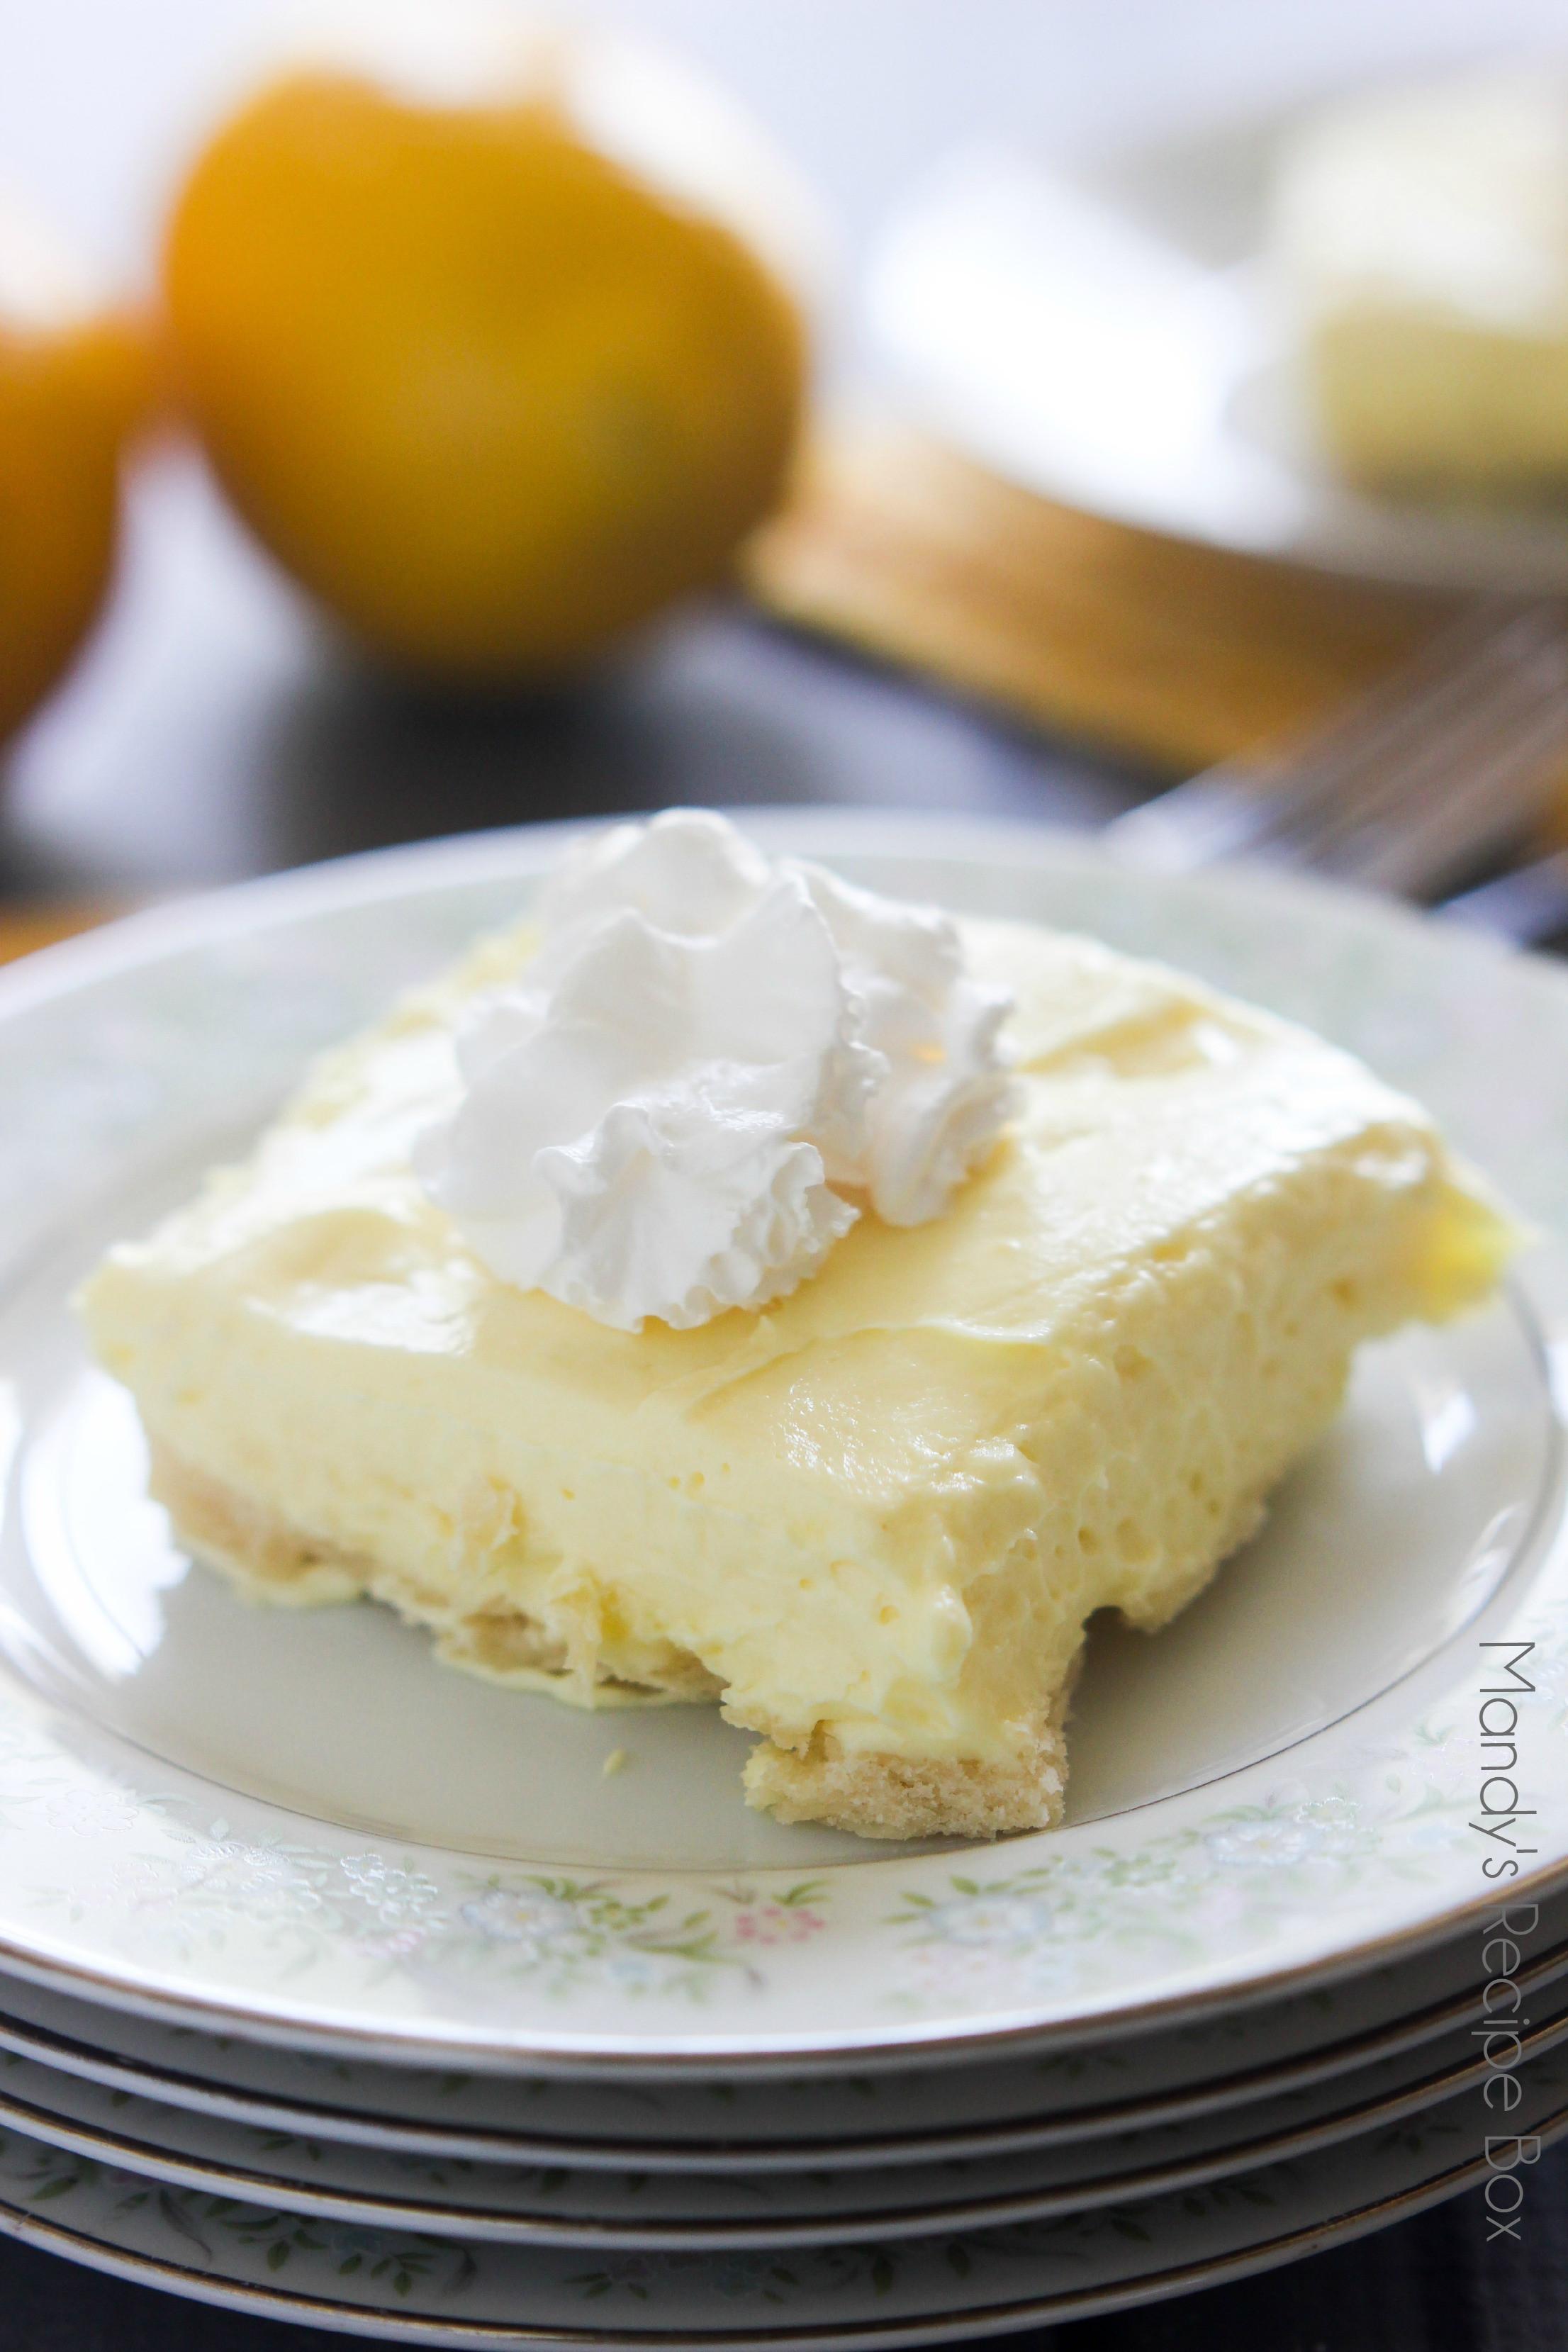 Desserts With Lemon  Lemon Fluff Dessert